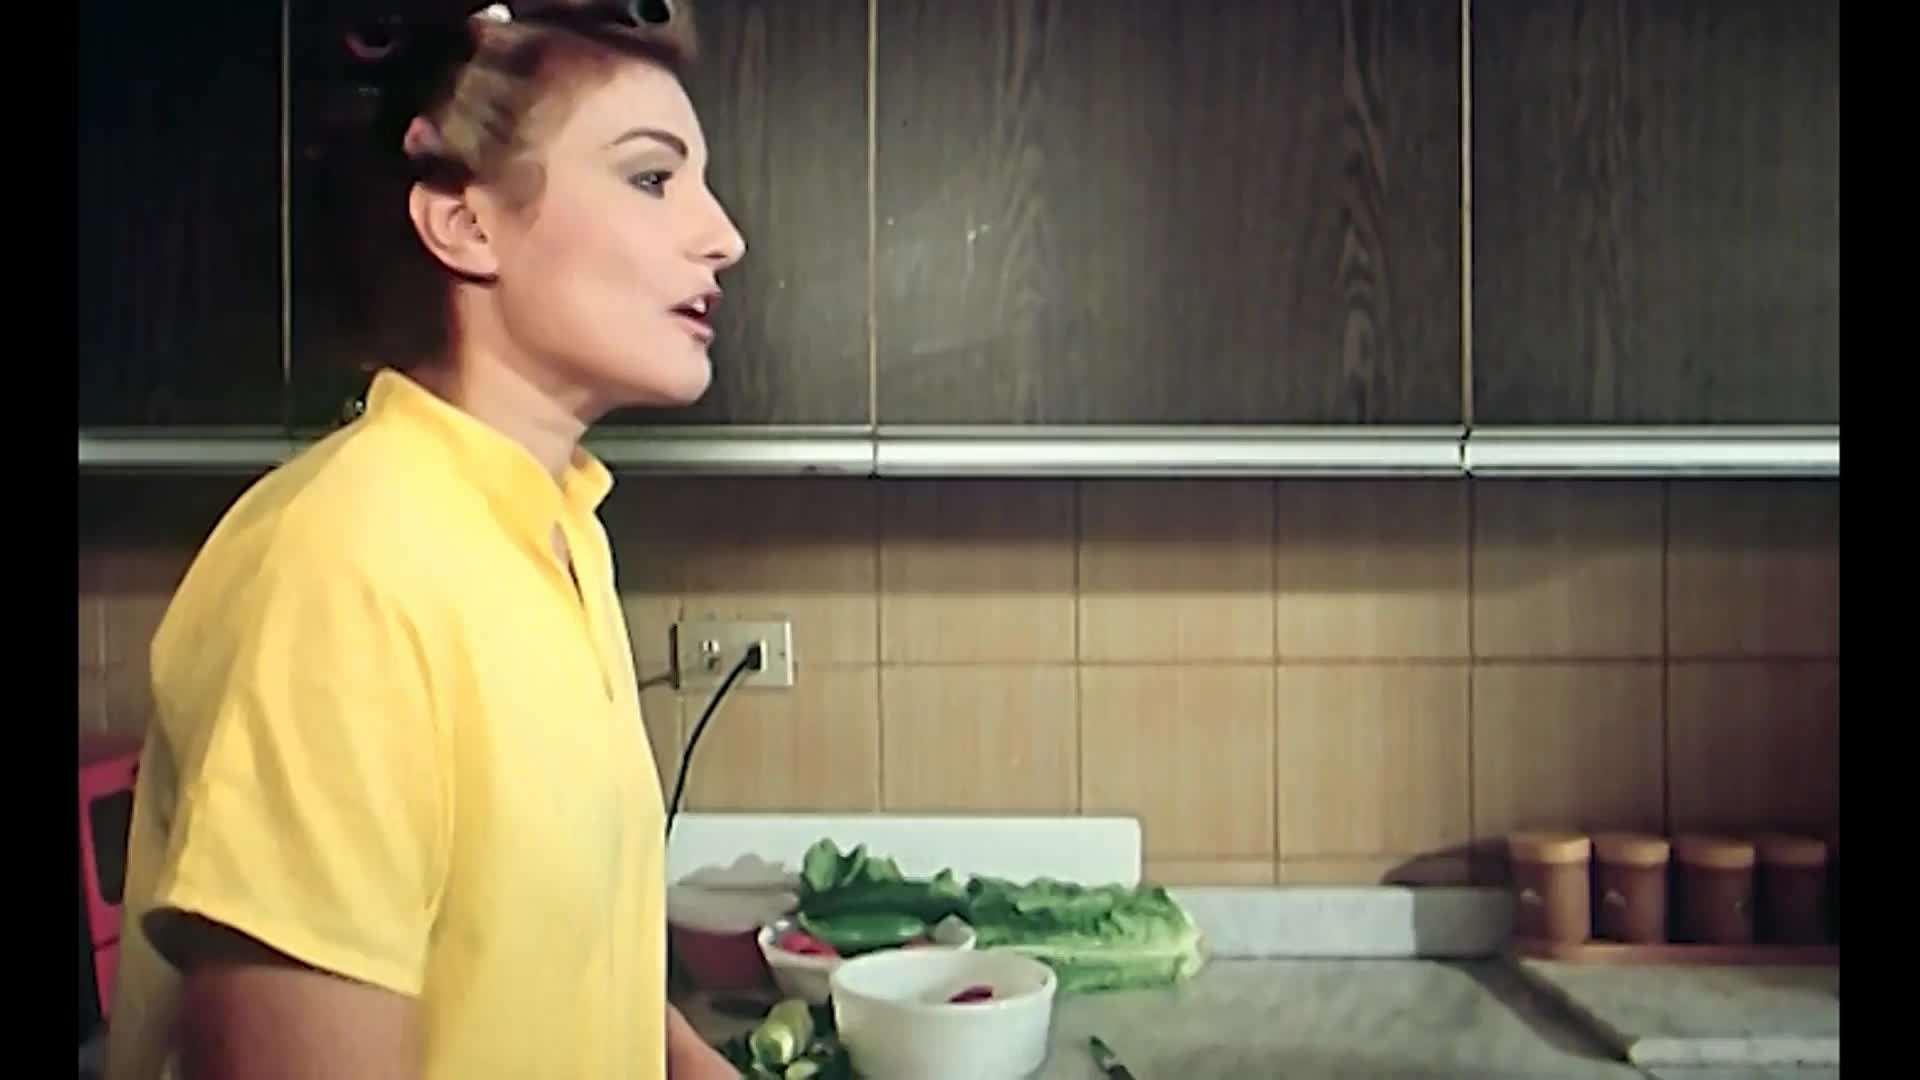 [فيلم][تورنت][تحميل][أحلام هند وكاميليا][1988][1080p][Web-DL] 4 arabp2p.com